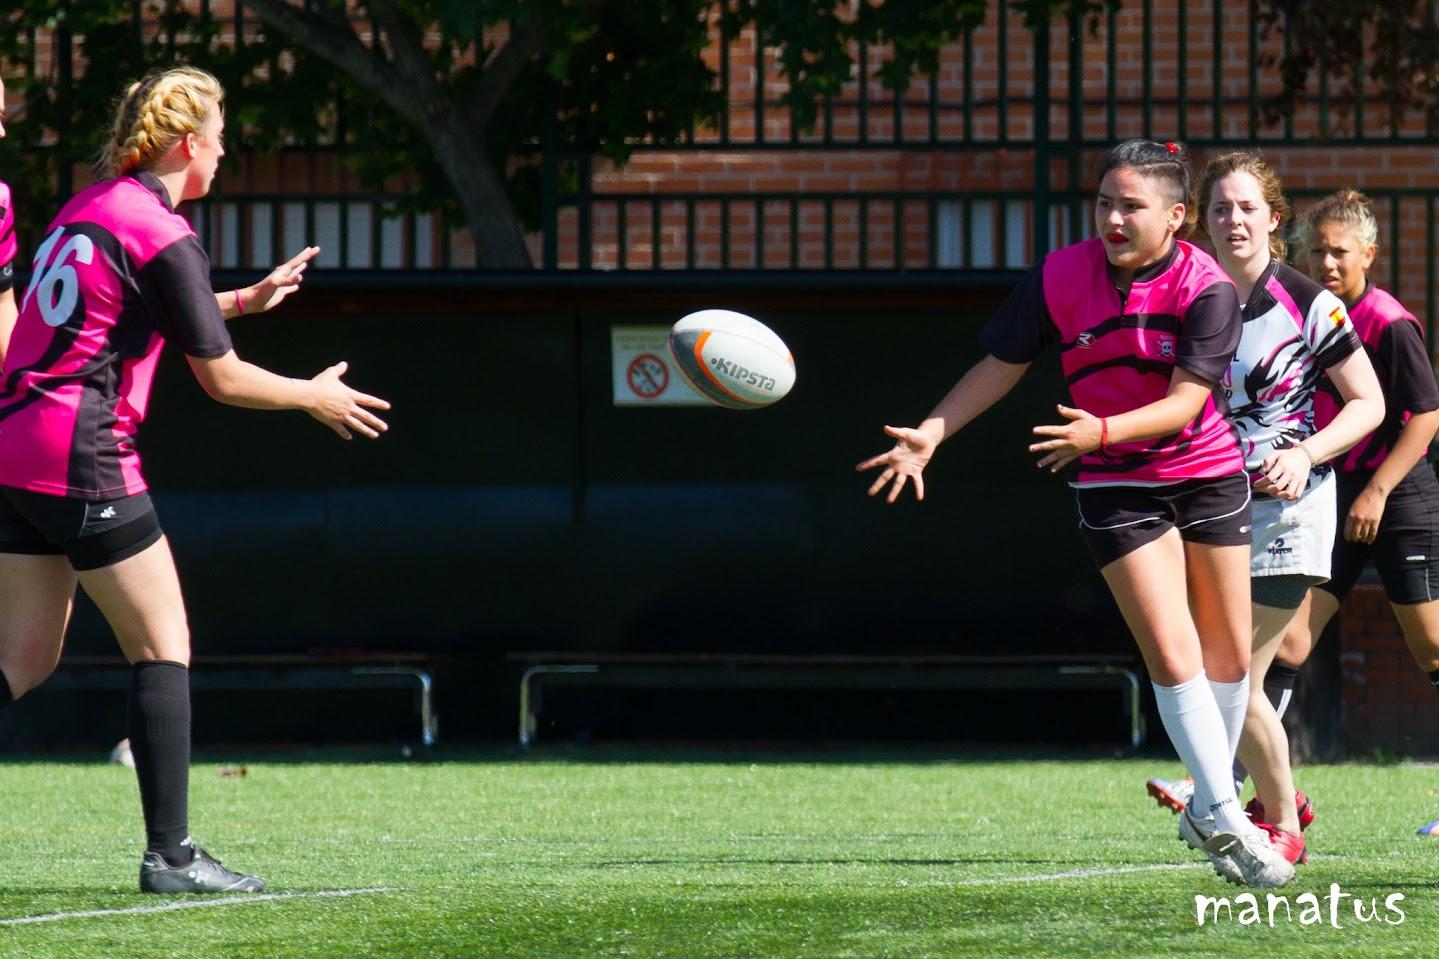 manatus rugby femenino